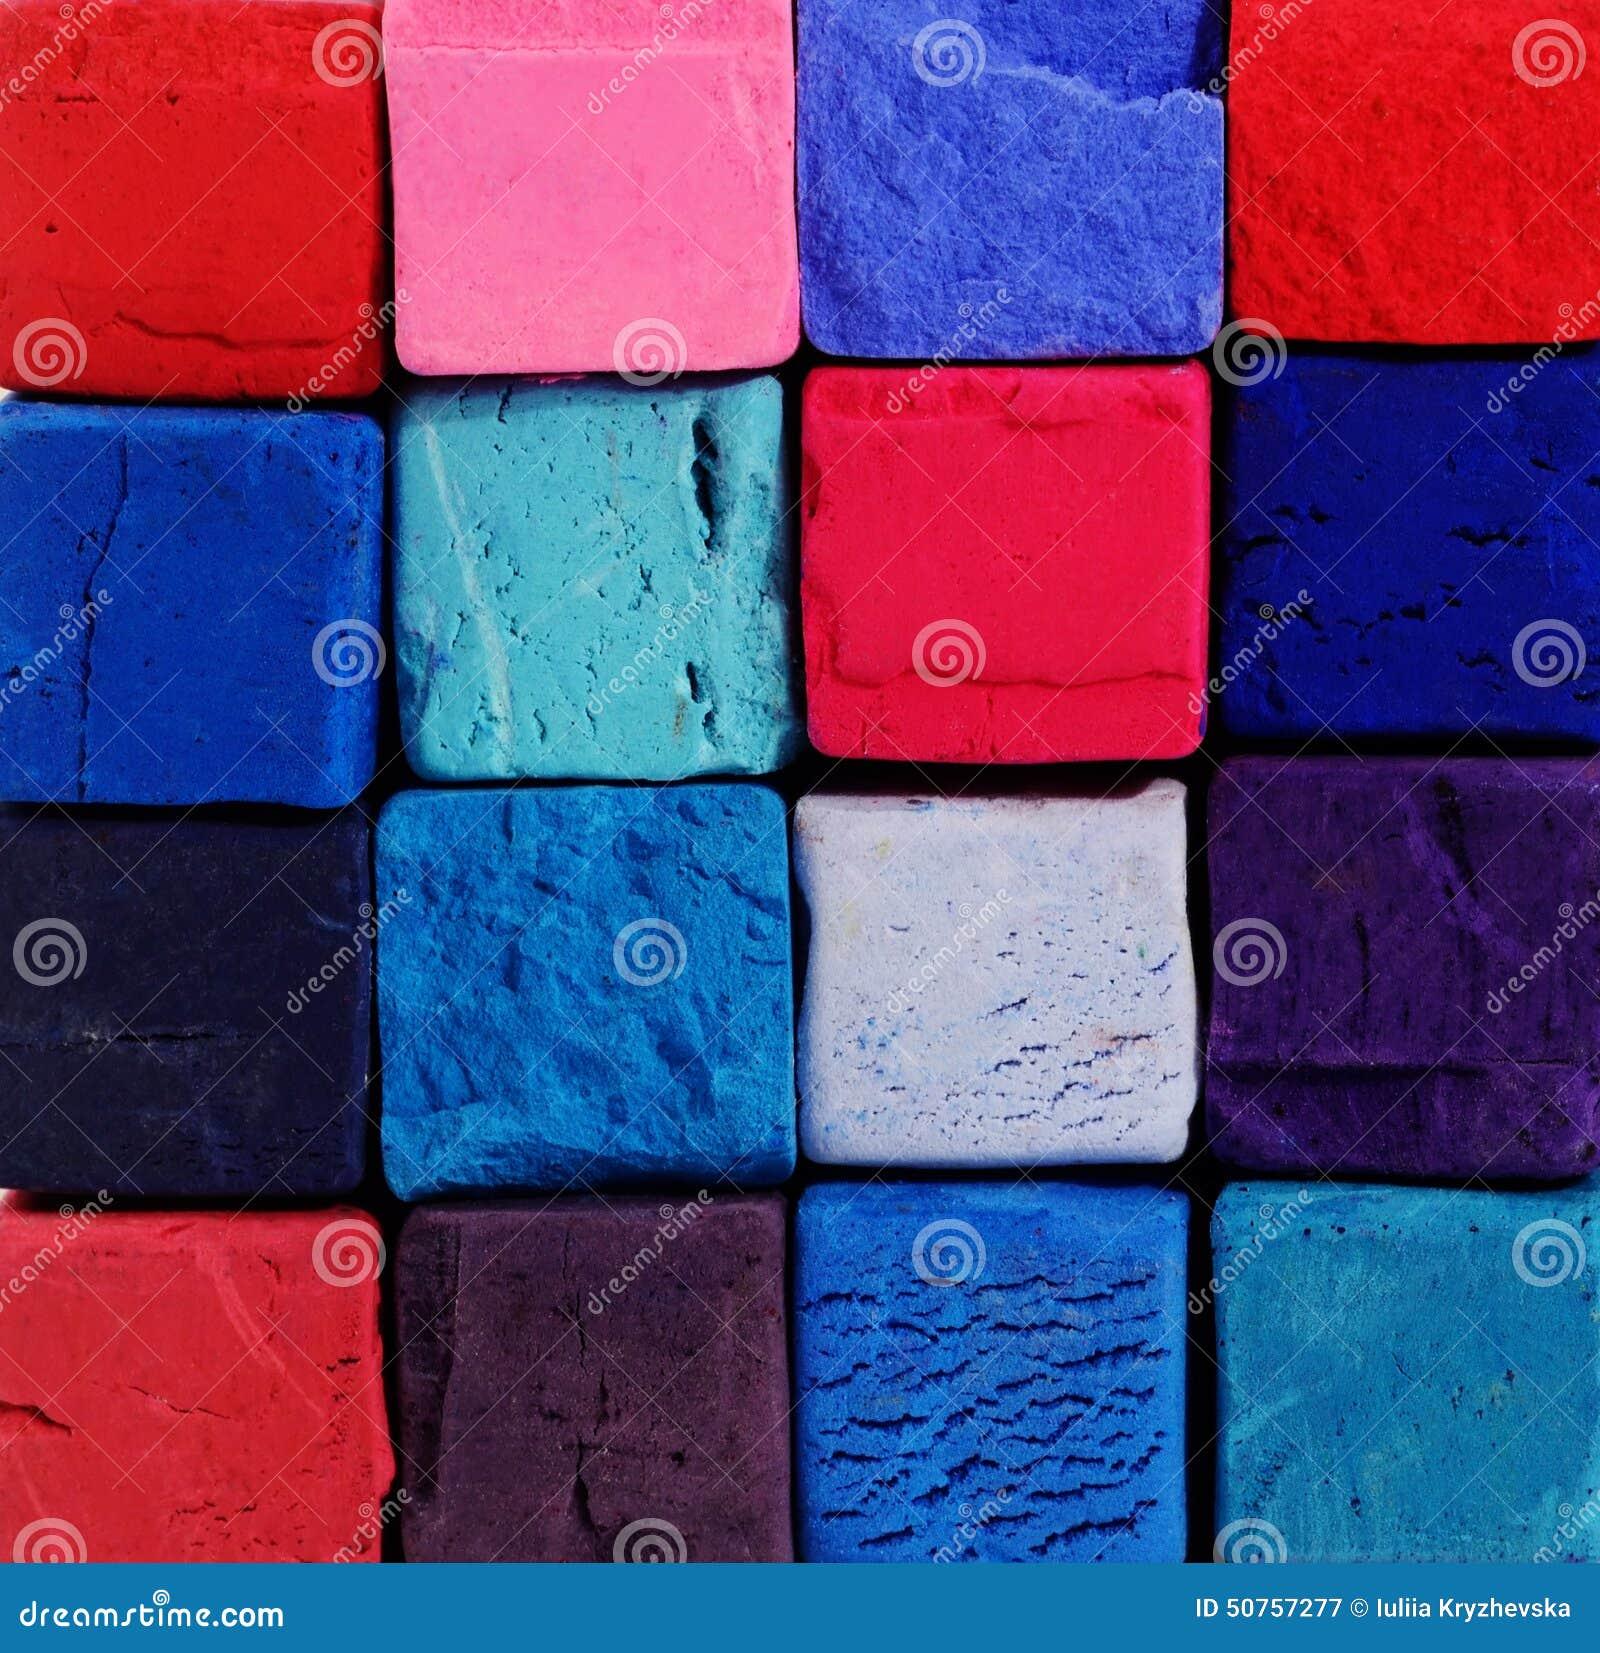 Υπόβαθρο - φωτεινές κιμωλίες κρητιδογραφιών με τα κόκκινα, μπλε, ιώδη χρώματα